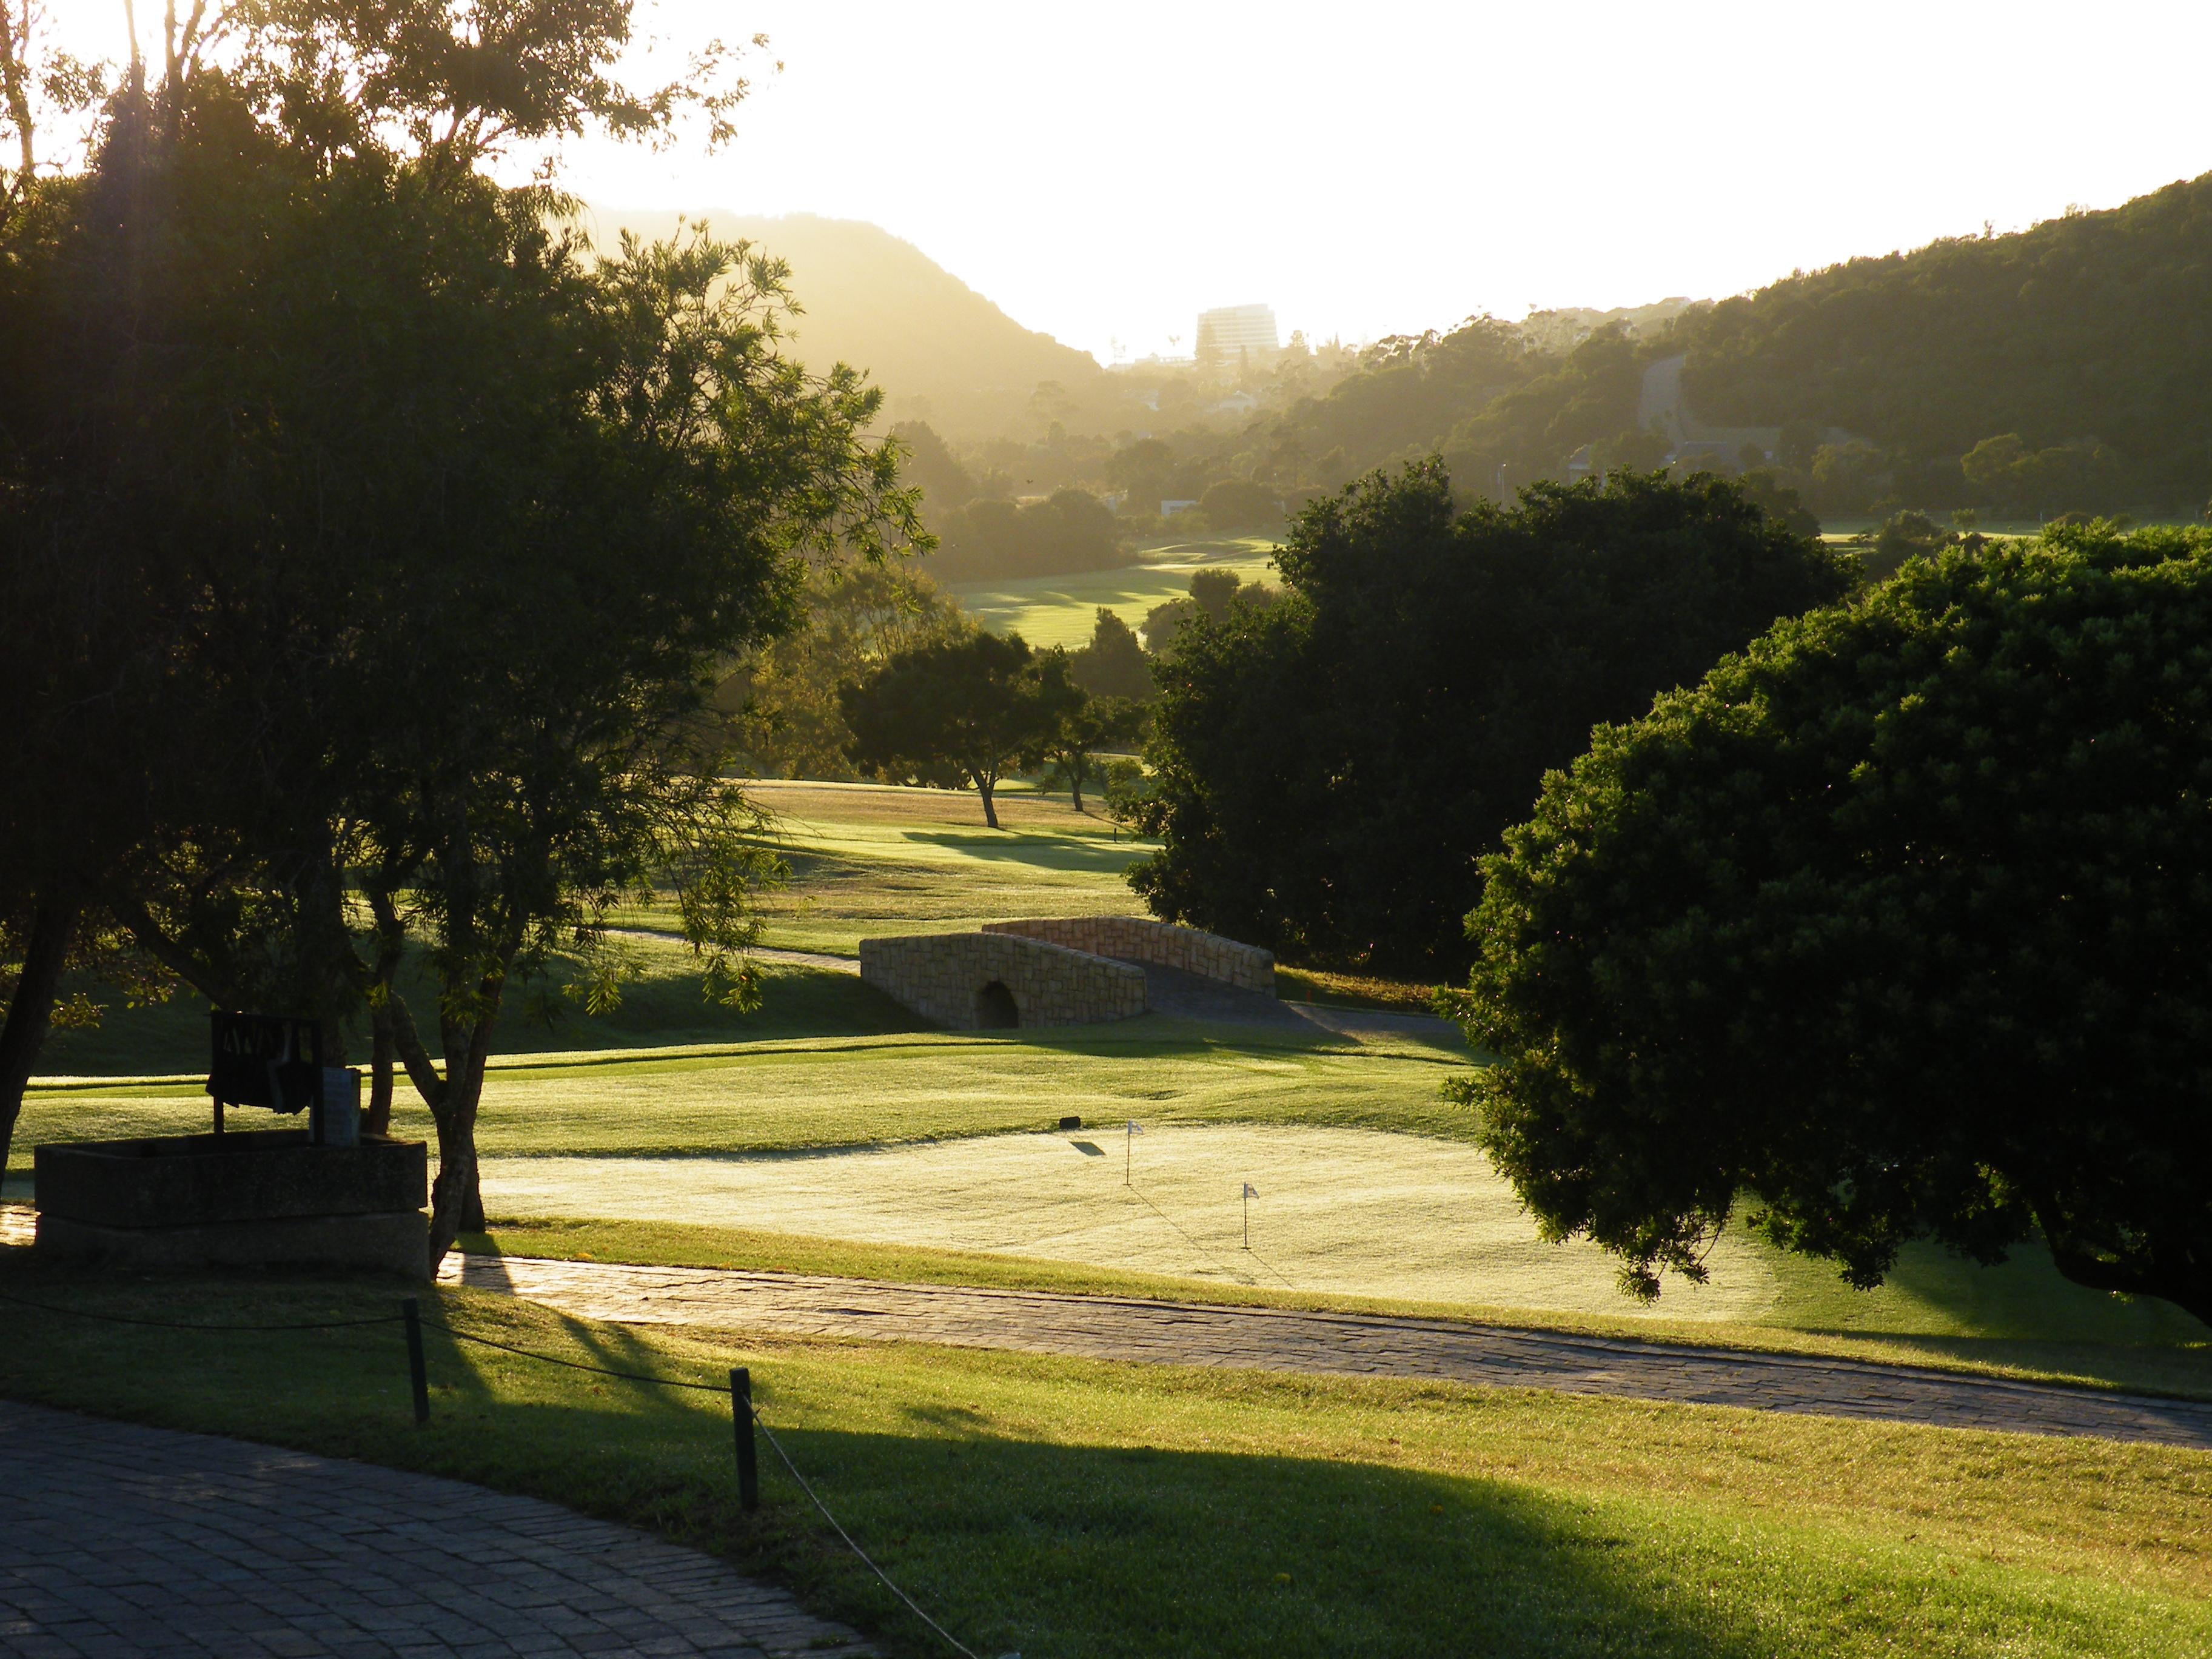 Plett Golf Course Greens Fairways